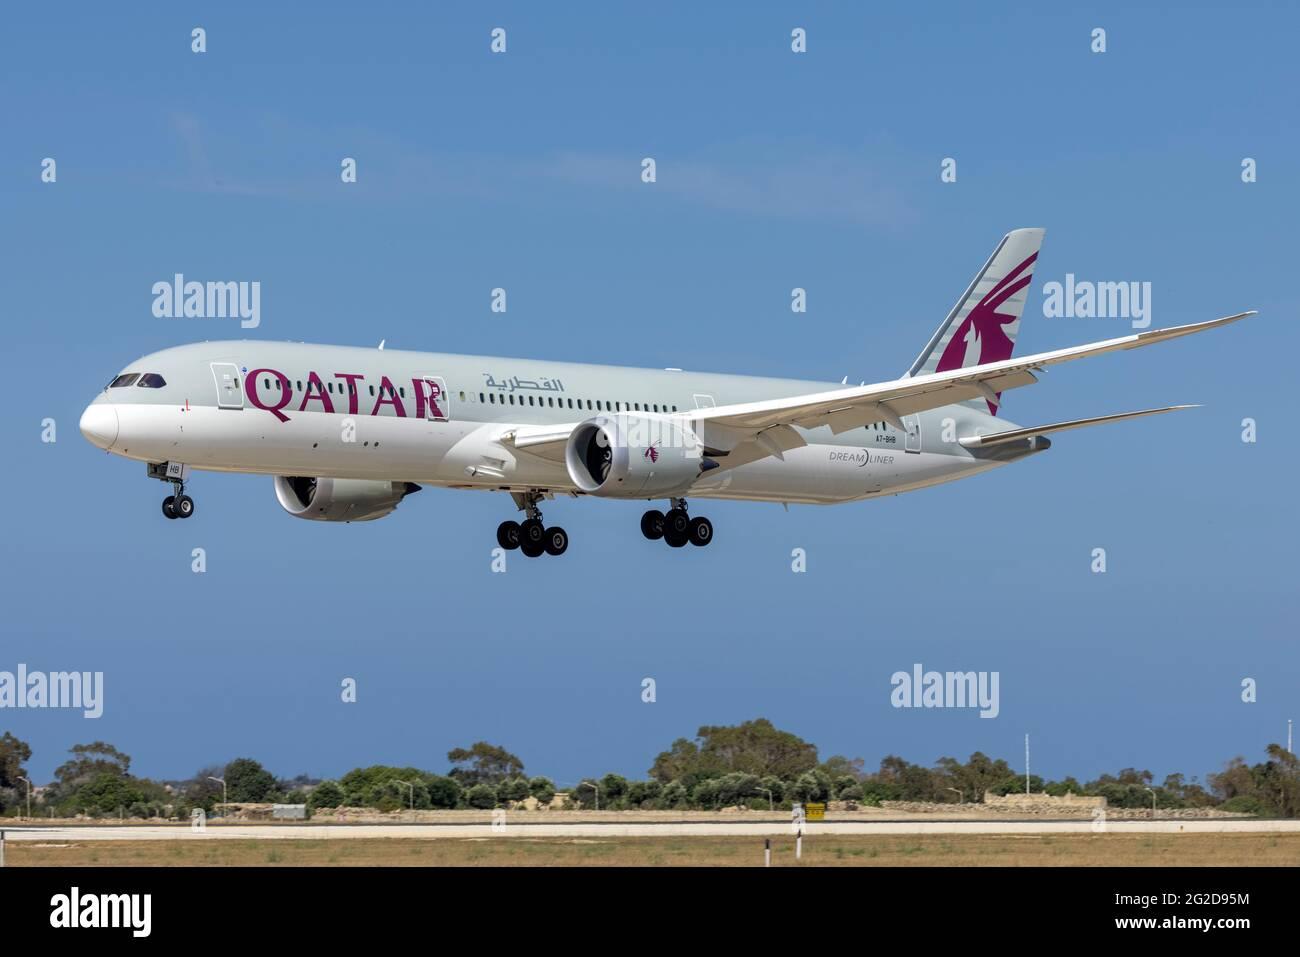 Qatar Airways Boeing 787-9 Dreamliner (REG: A7-BHB) en finales que llegan desde Munich. Foto de stock